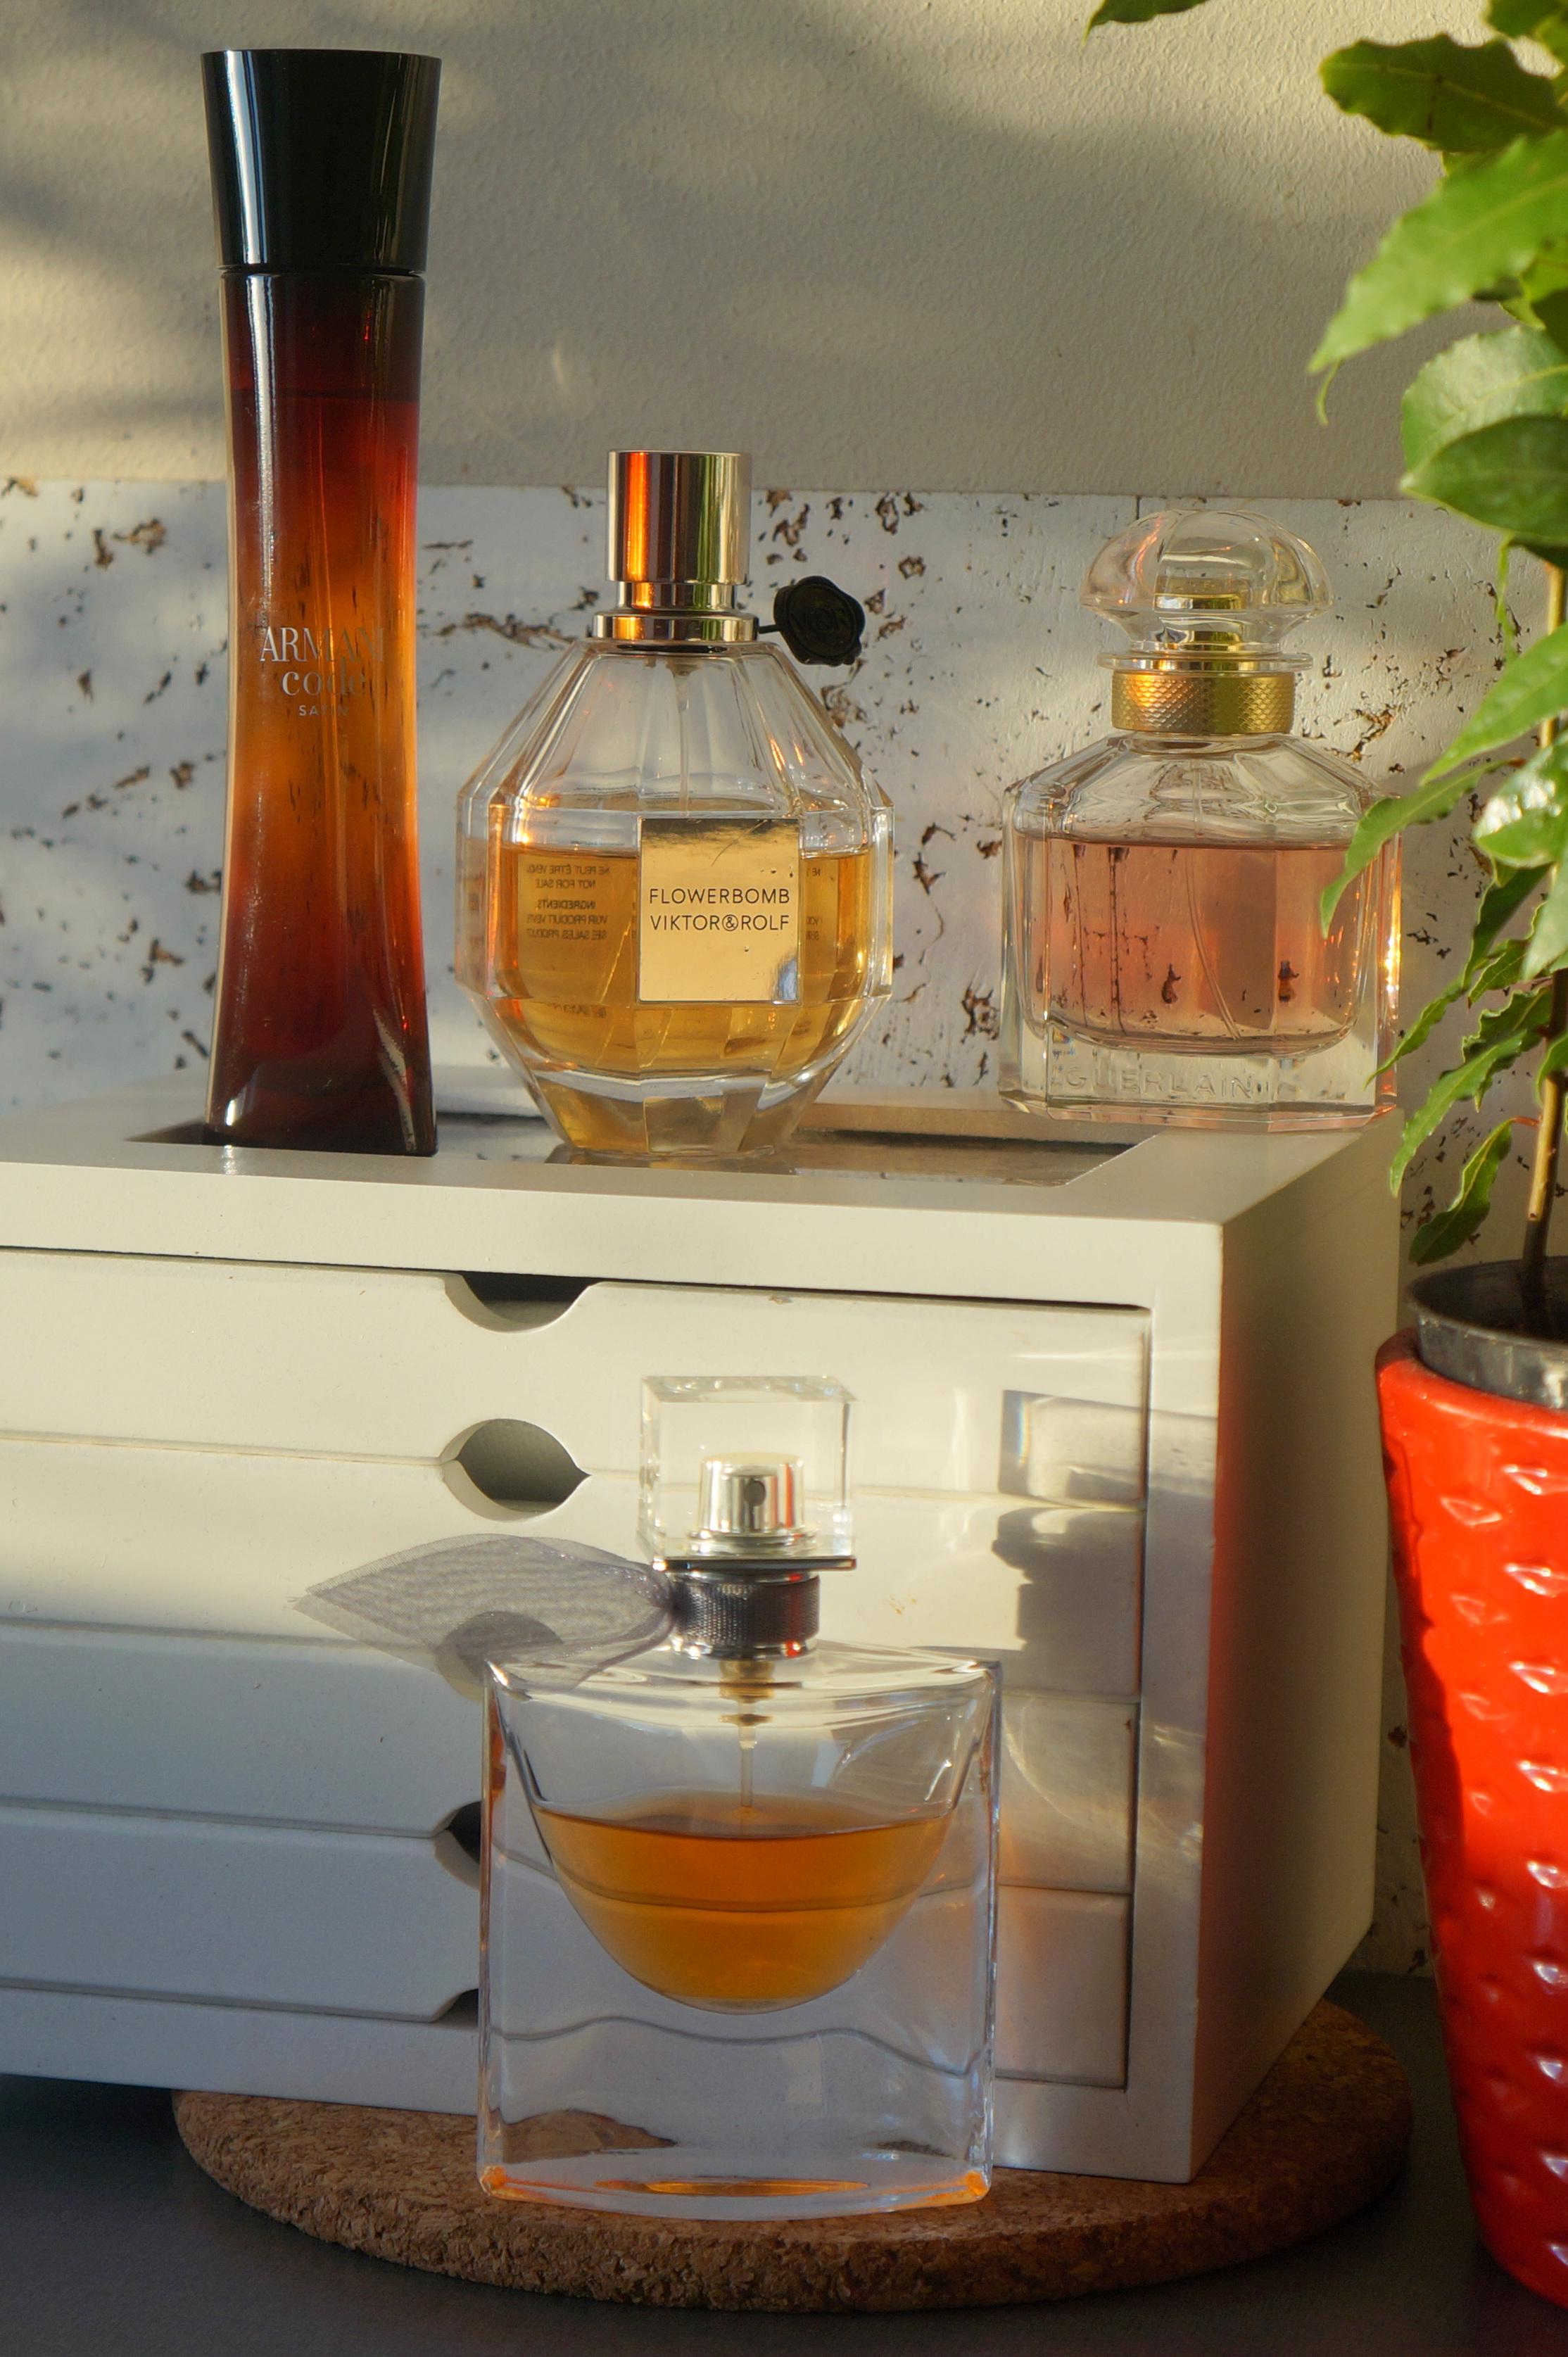 ulubieńcy zapachowi sierpnia edpholiczka